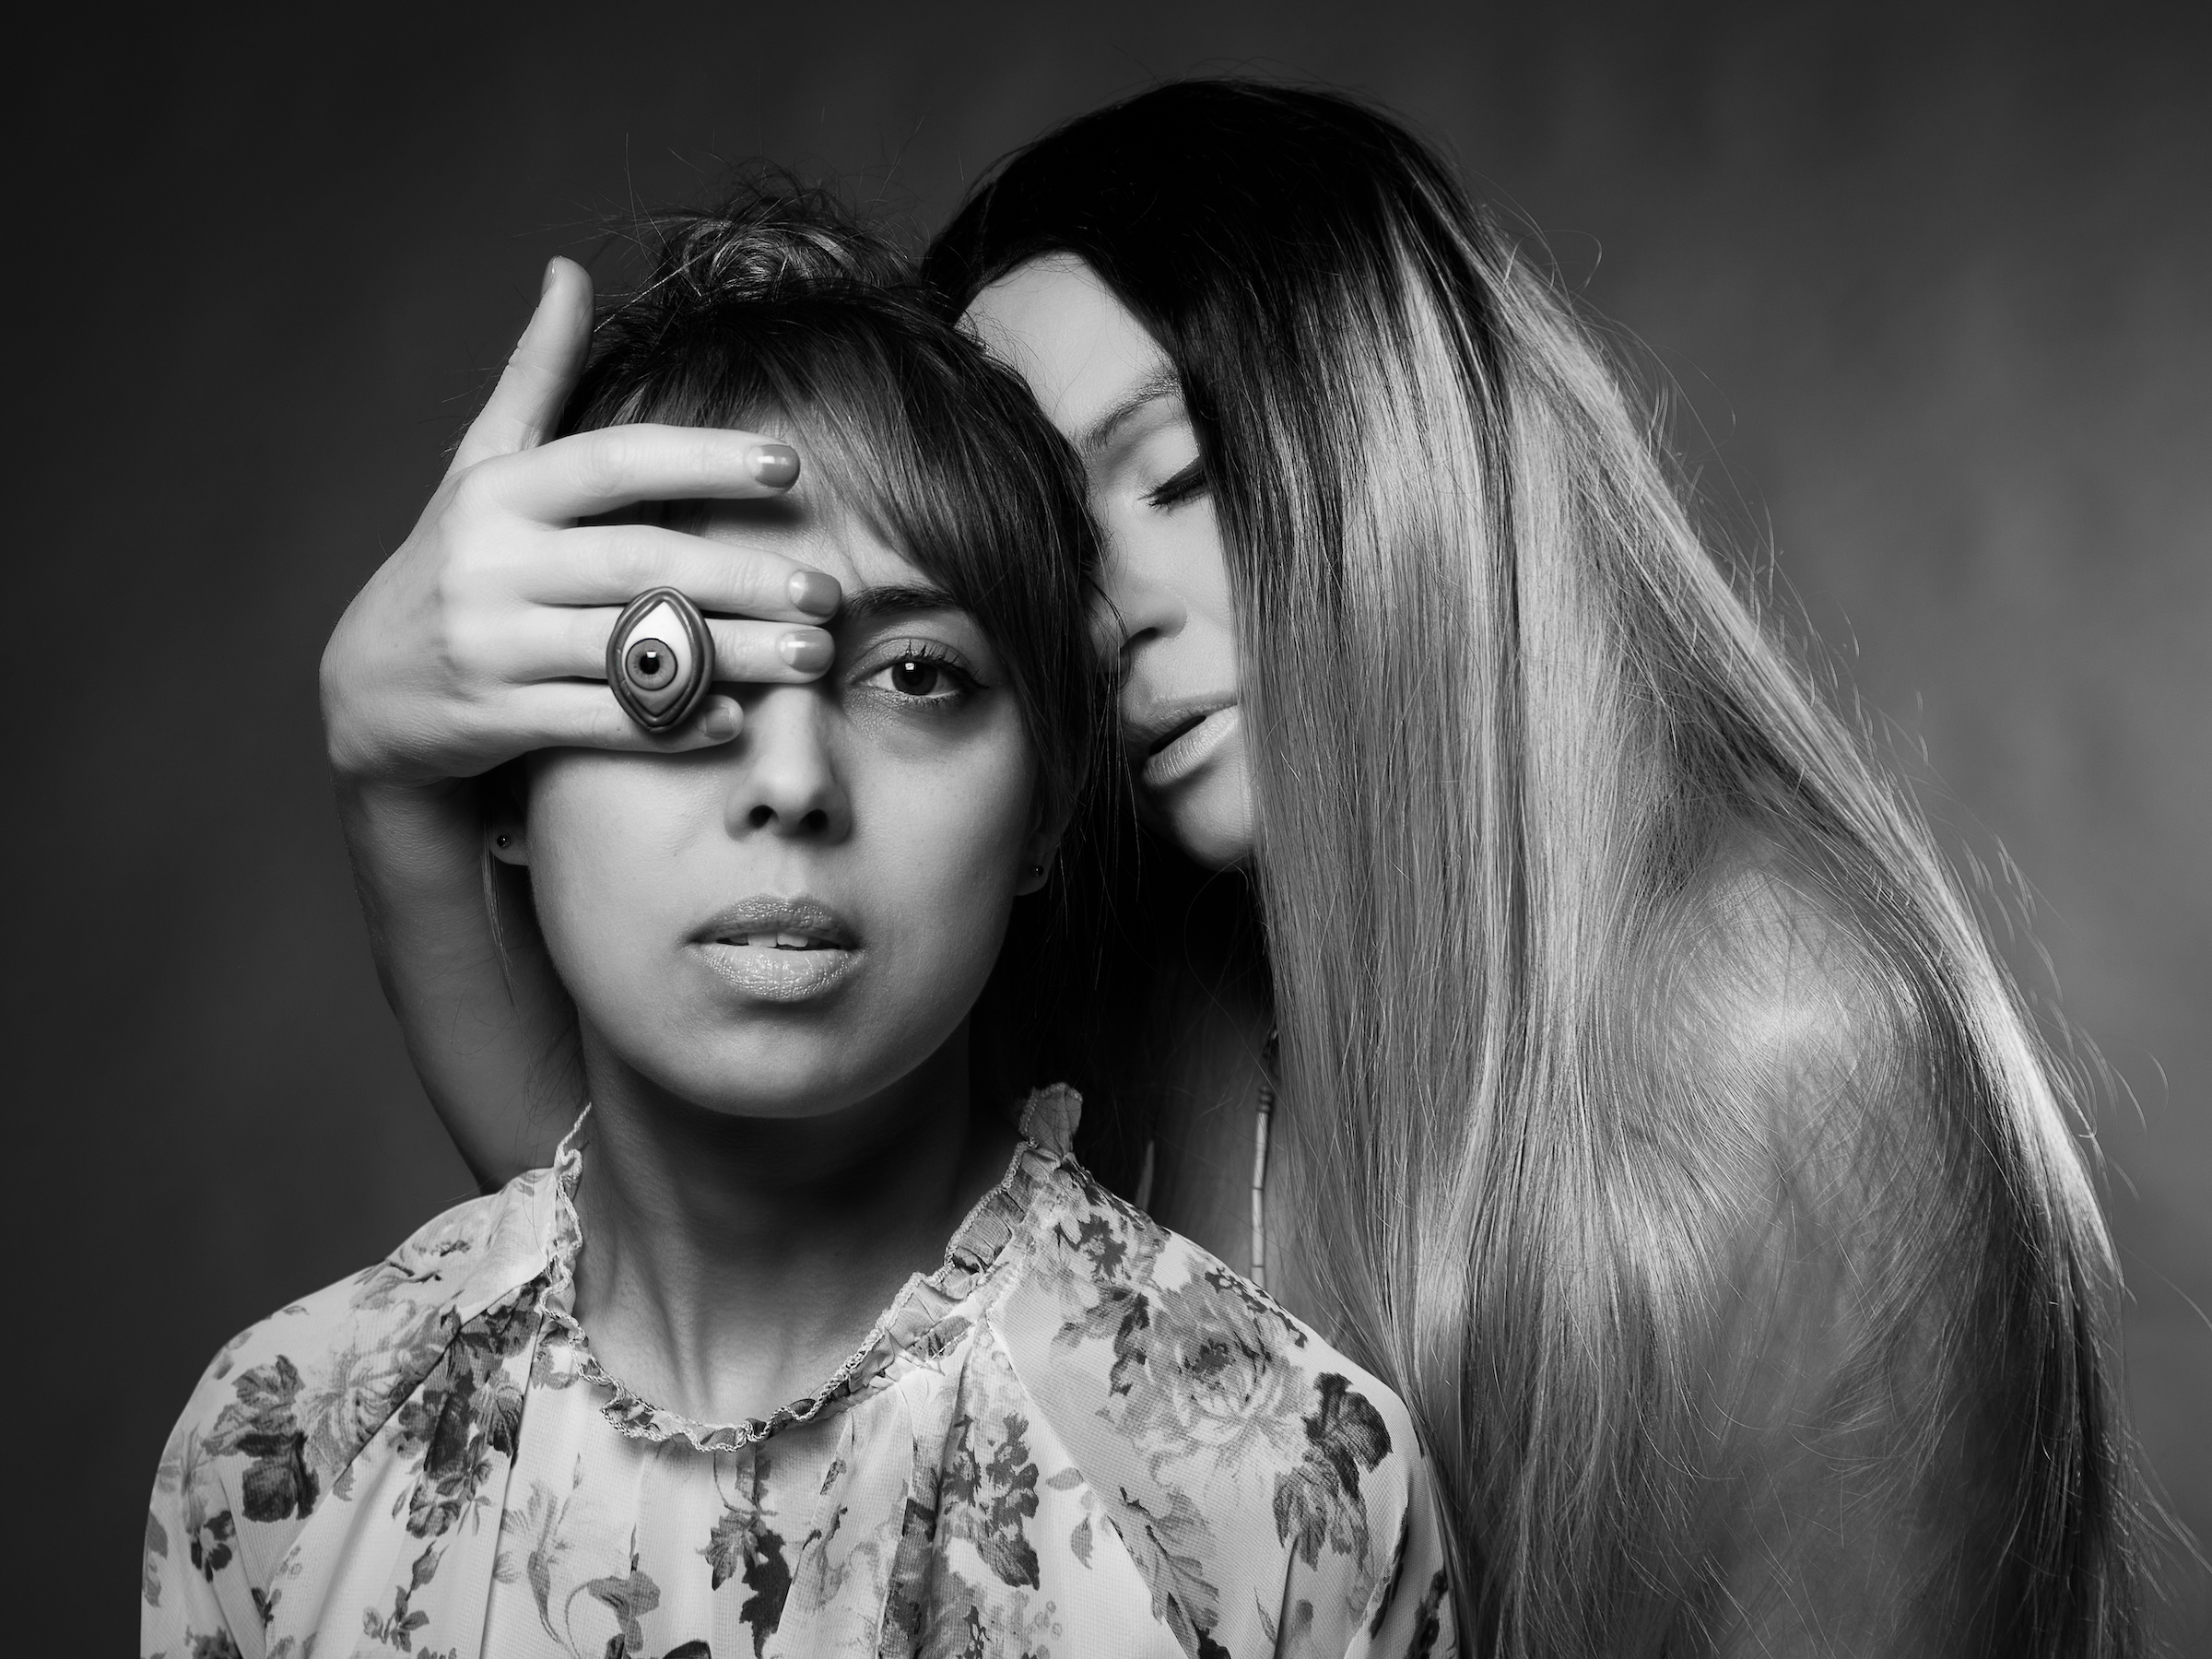 Tiina Poimio: Love is blindless